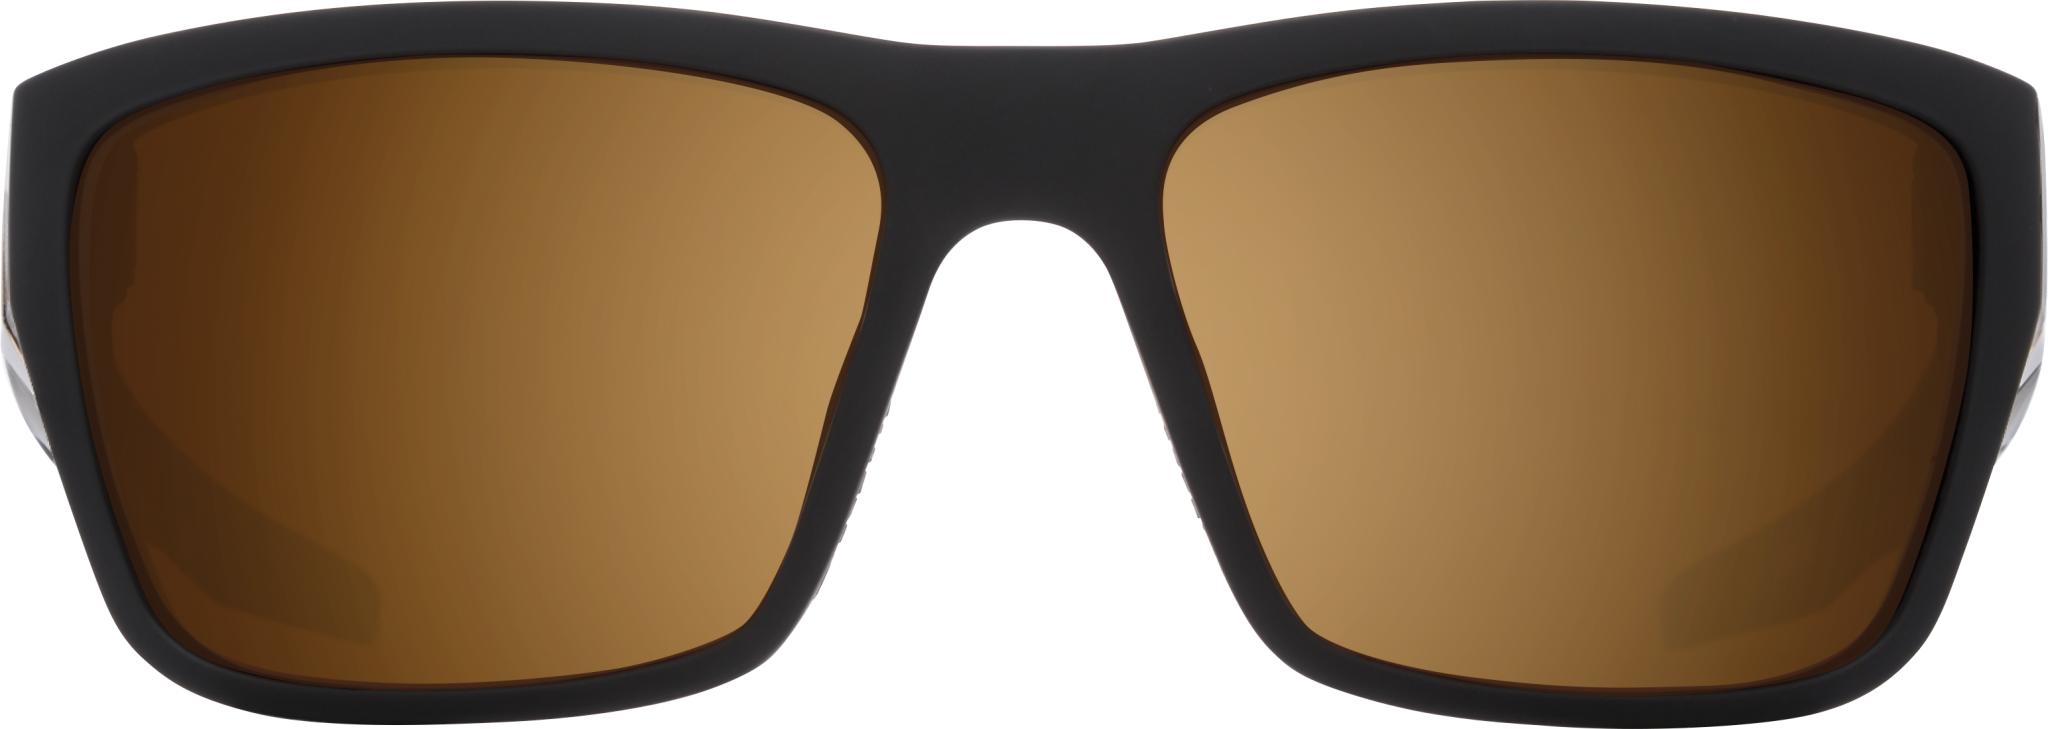 SPY Spy Dirty Mo 2 Sunglasses